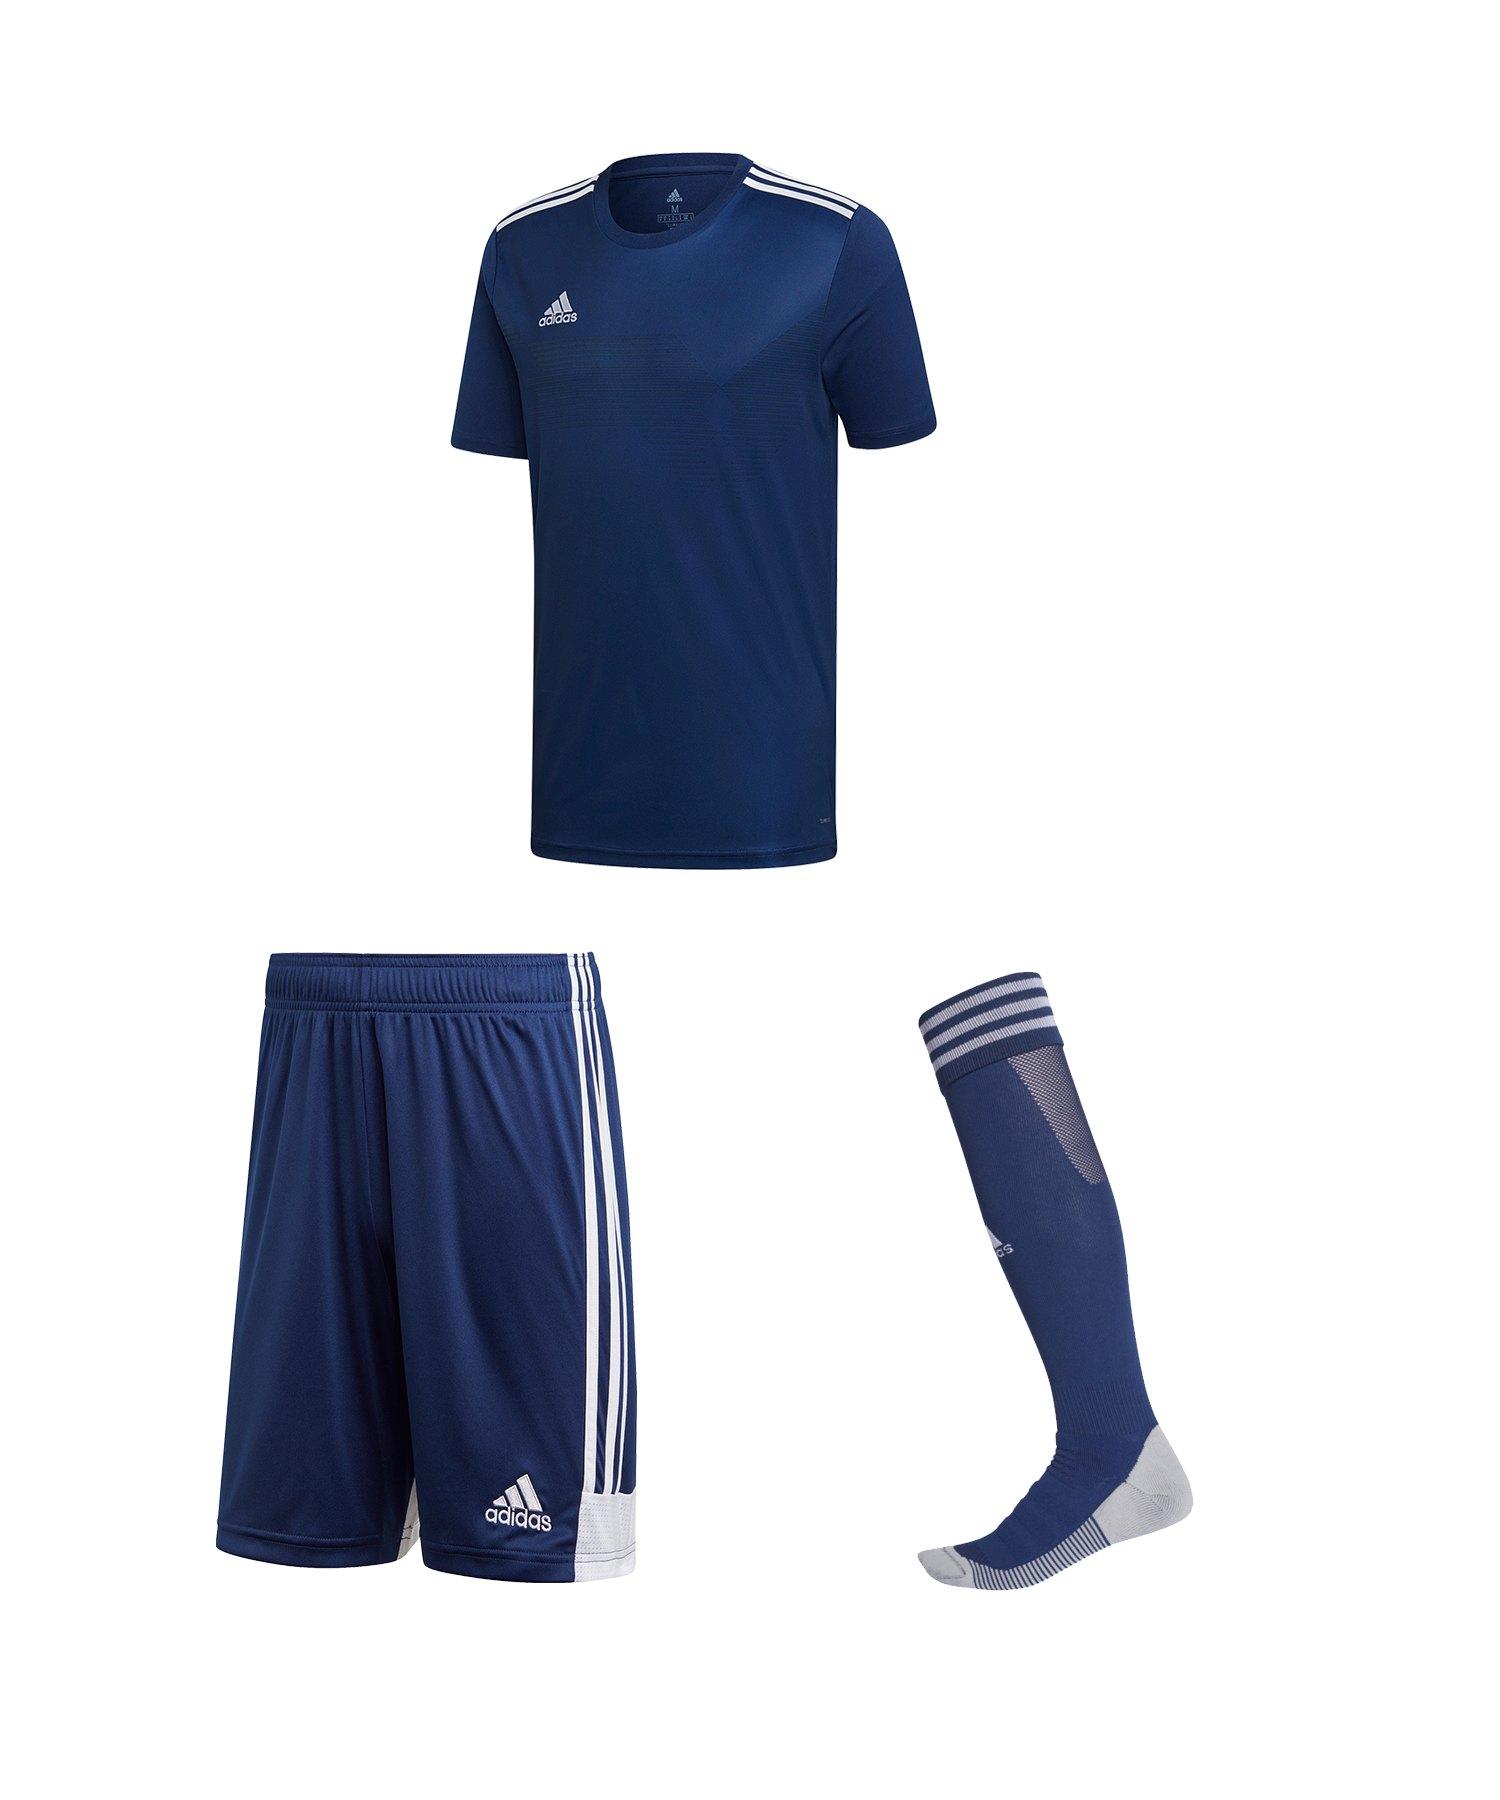 adidas Campeon 19 Trikotset Dunkelblau Weiss - blau